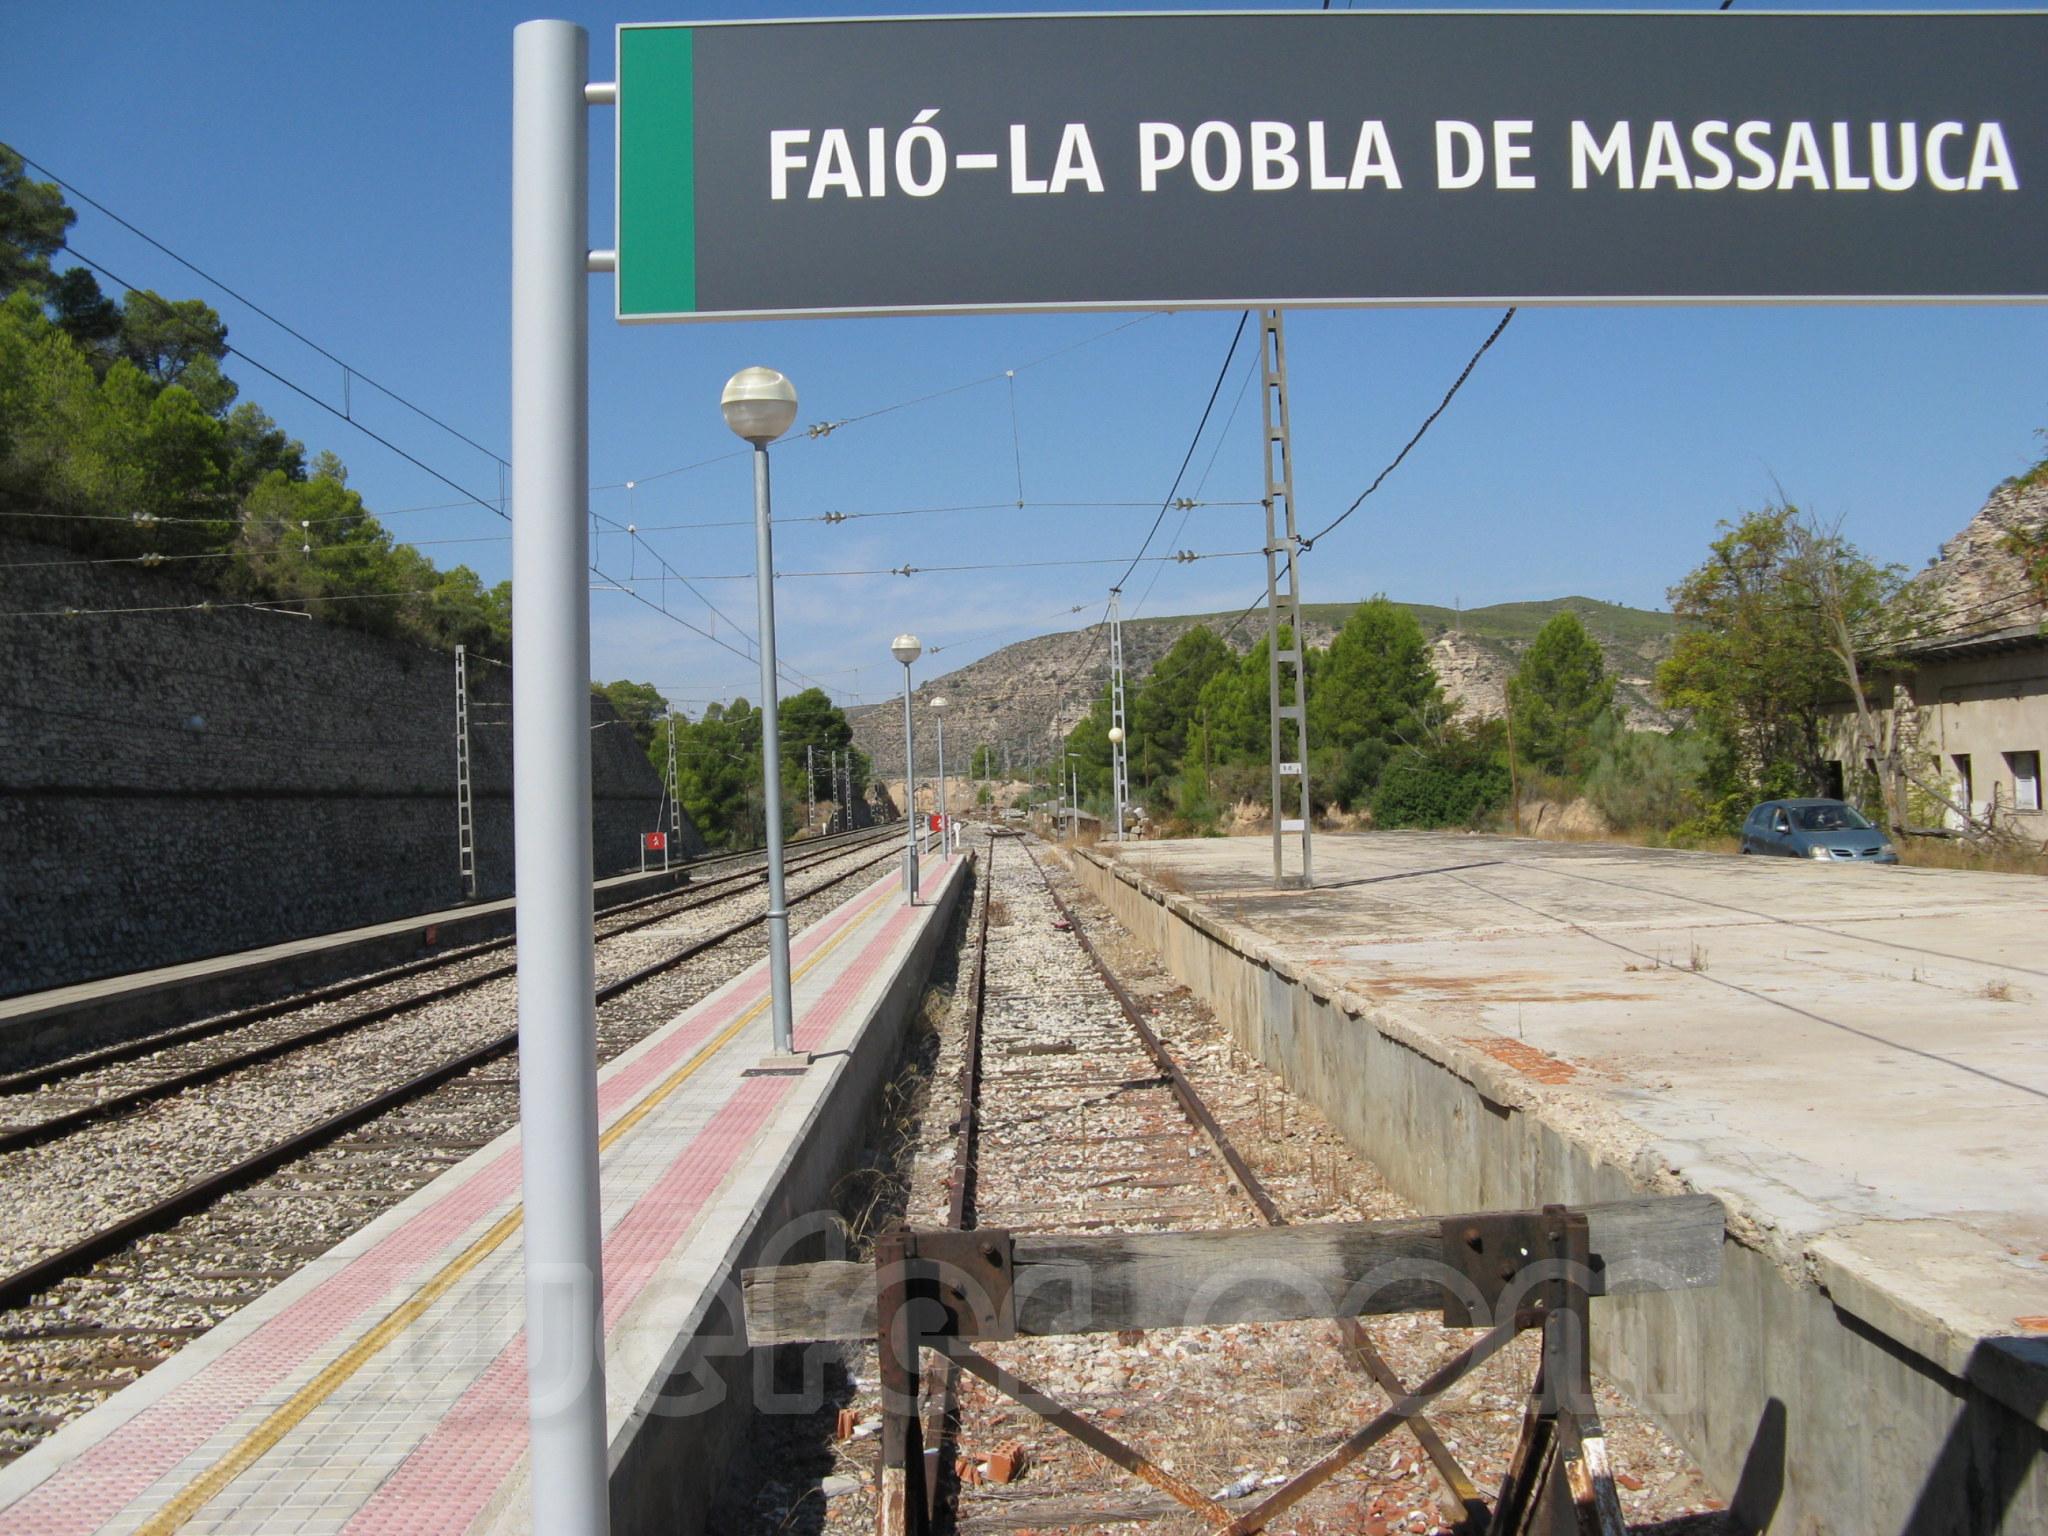 Renfe / ADIF: Faió - La Pobla de Massaluca